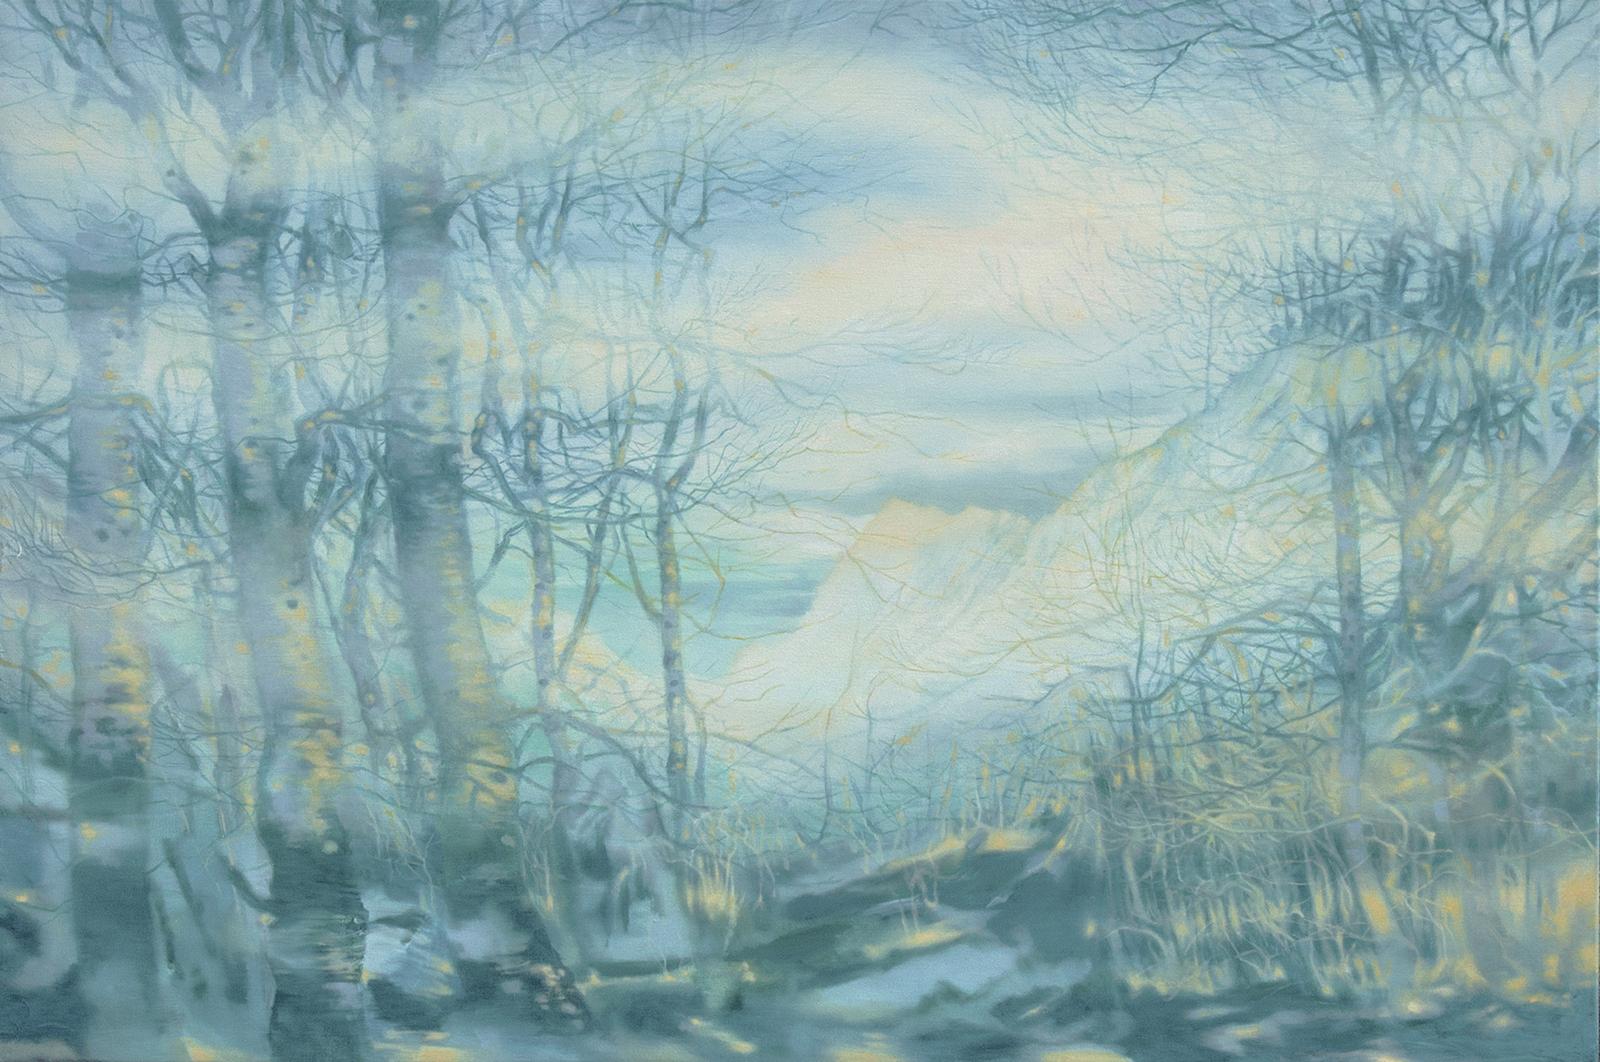 Weiße Küste 2017, 80 x 120 cm, Öl auf Leinwand  White Coast 2017, oil on canvas